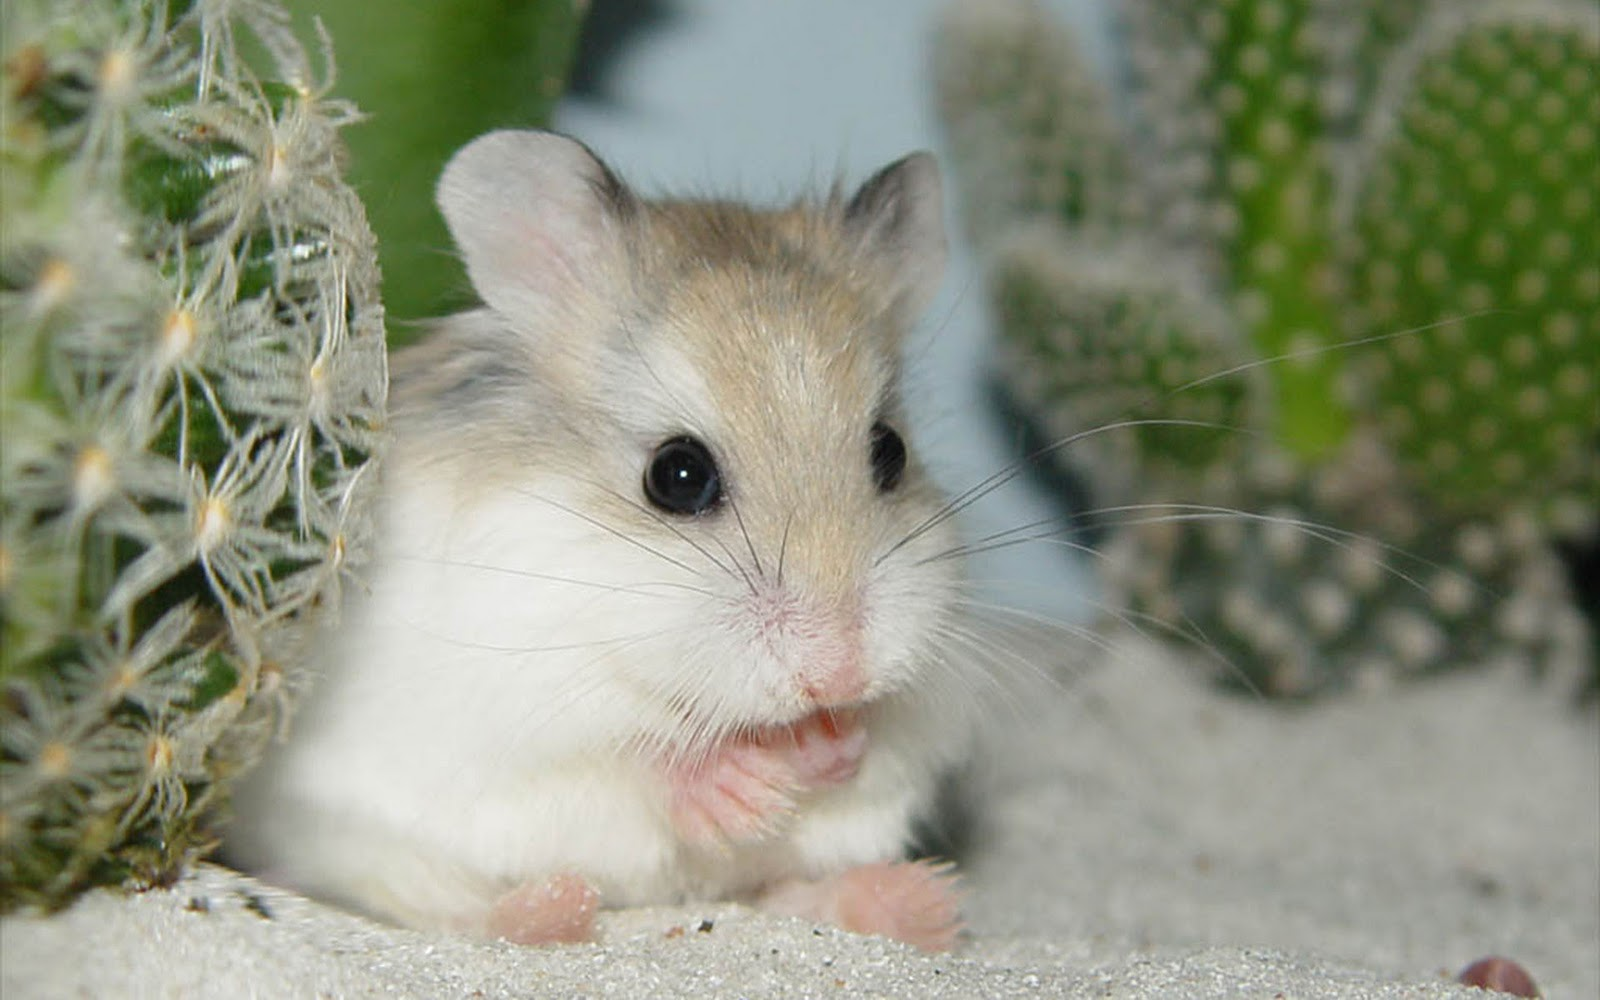 Hamsters achtergronden dieren hd hamster wallpapers foto 5jpg 1600x1000